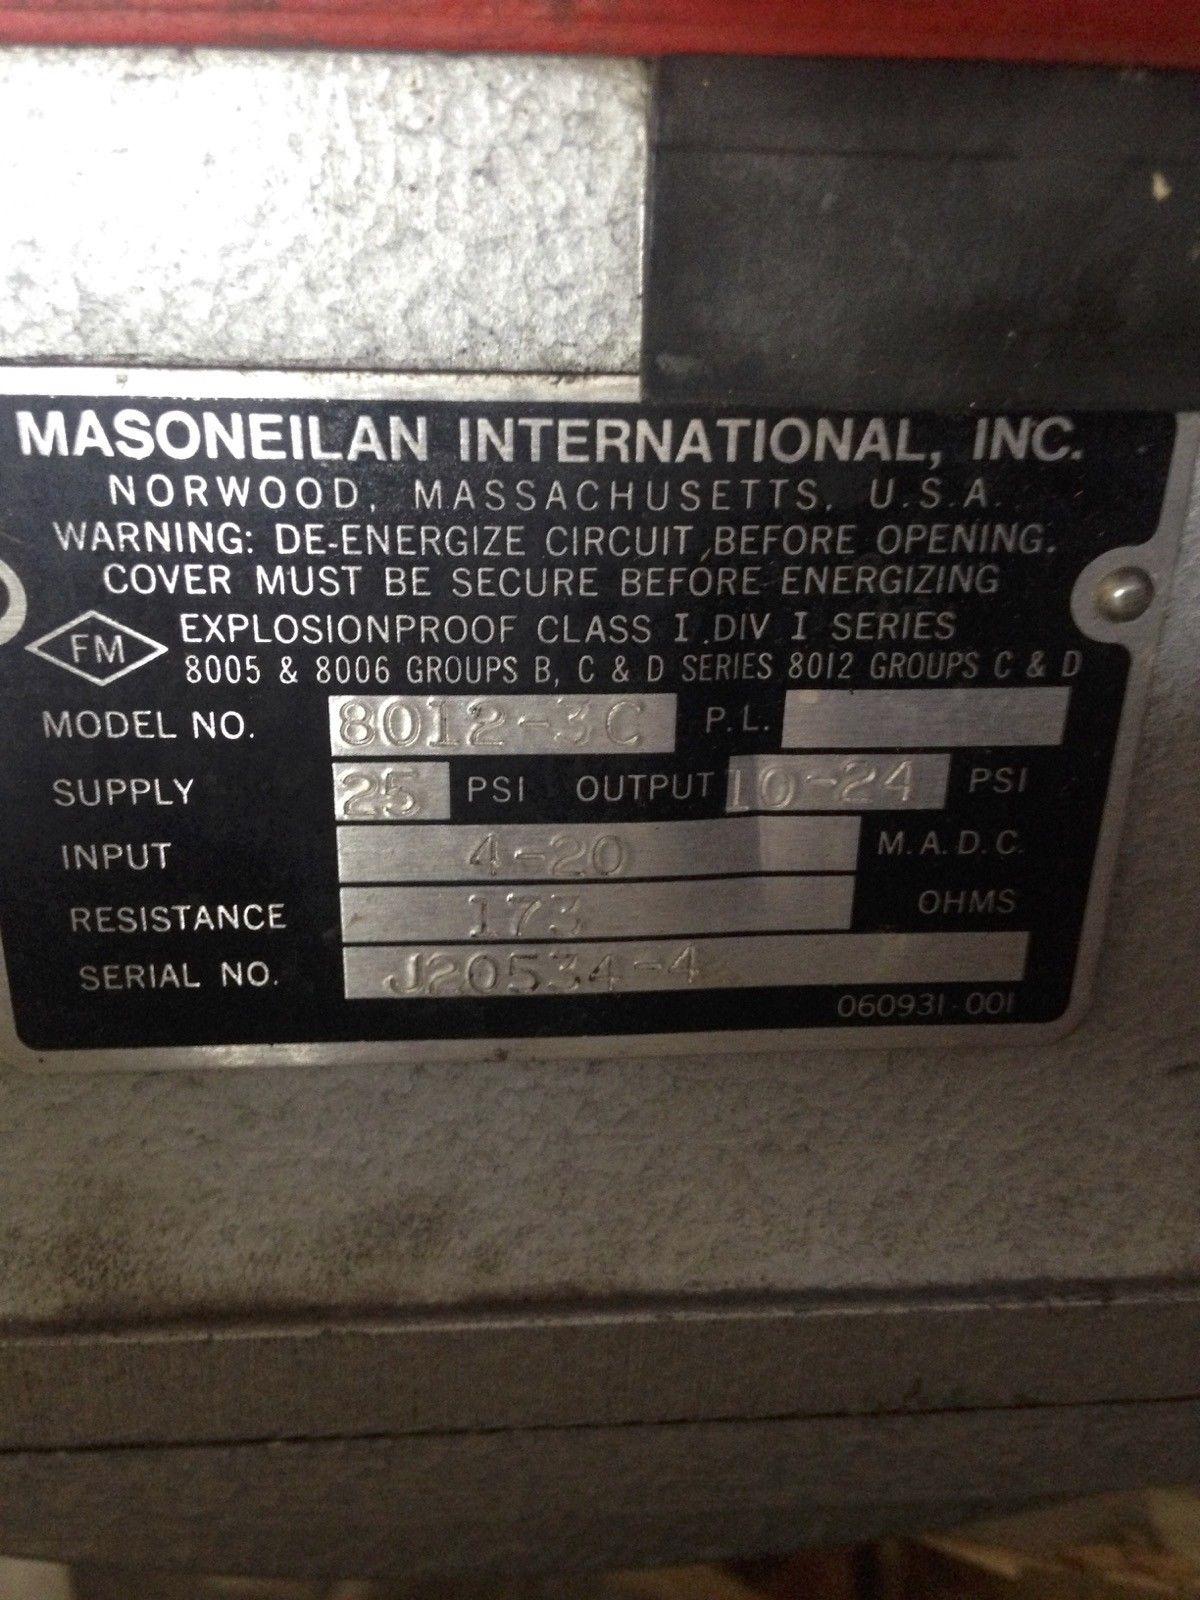 MASONEILAN 47-21124 MASONEILAN VALVE POSITIONER 8012-3C 3